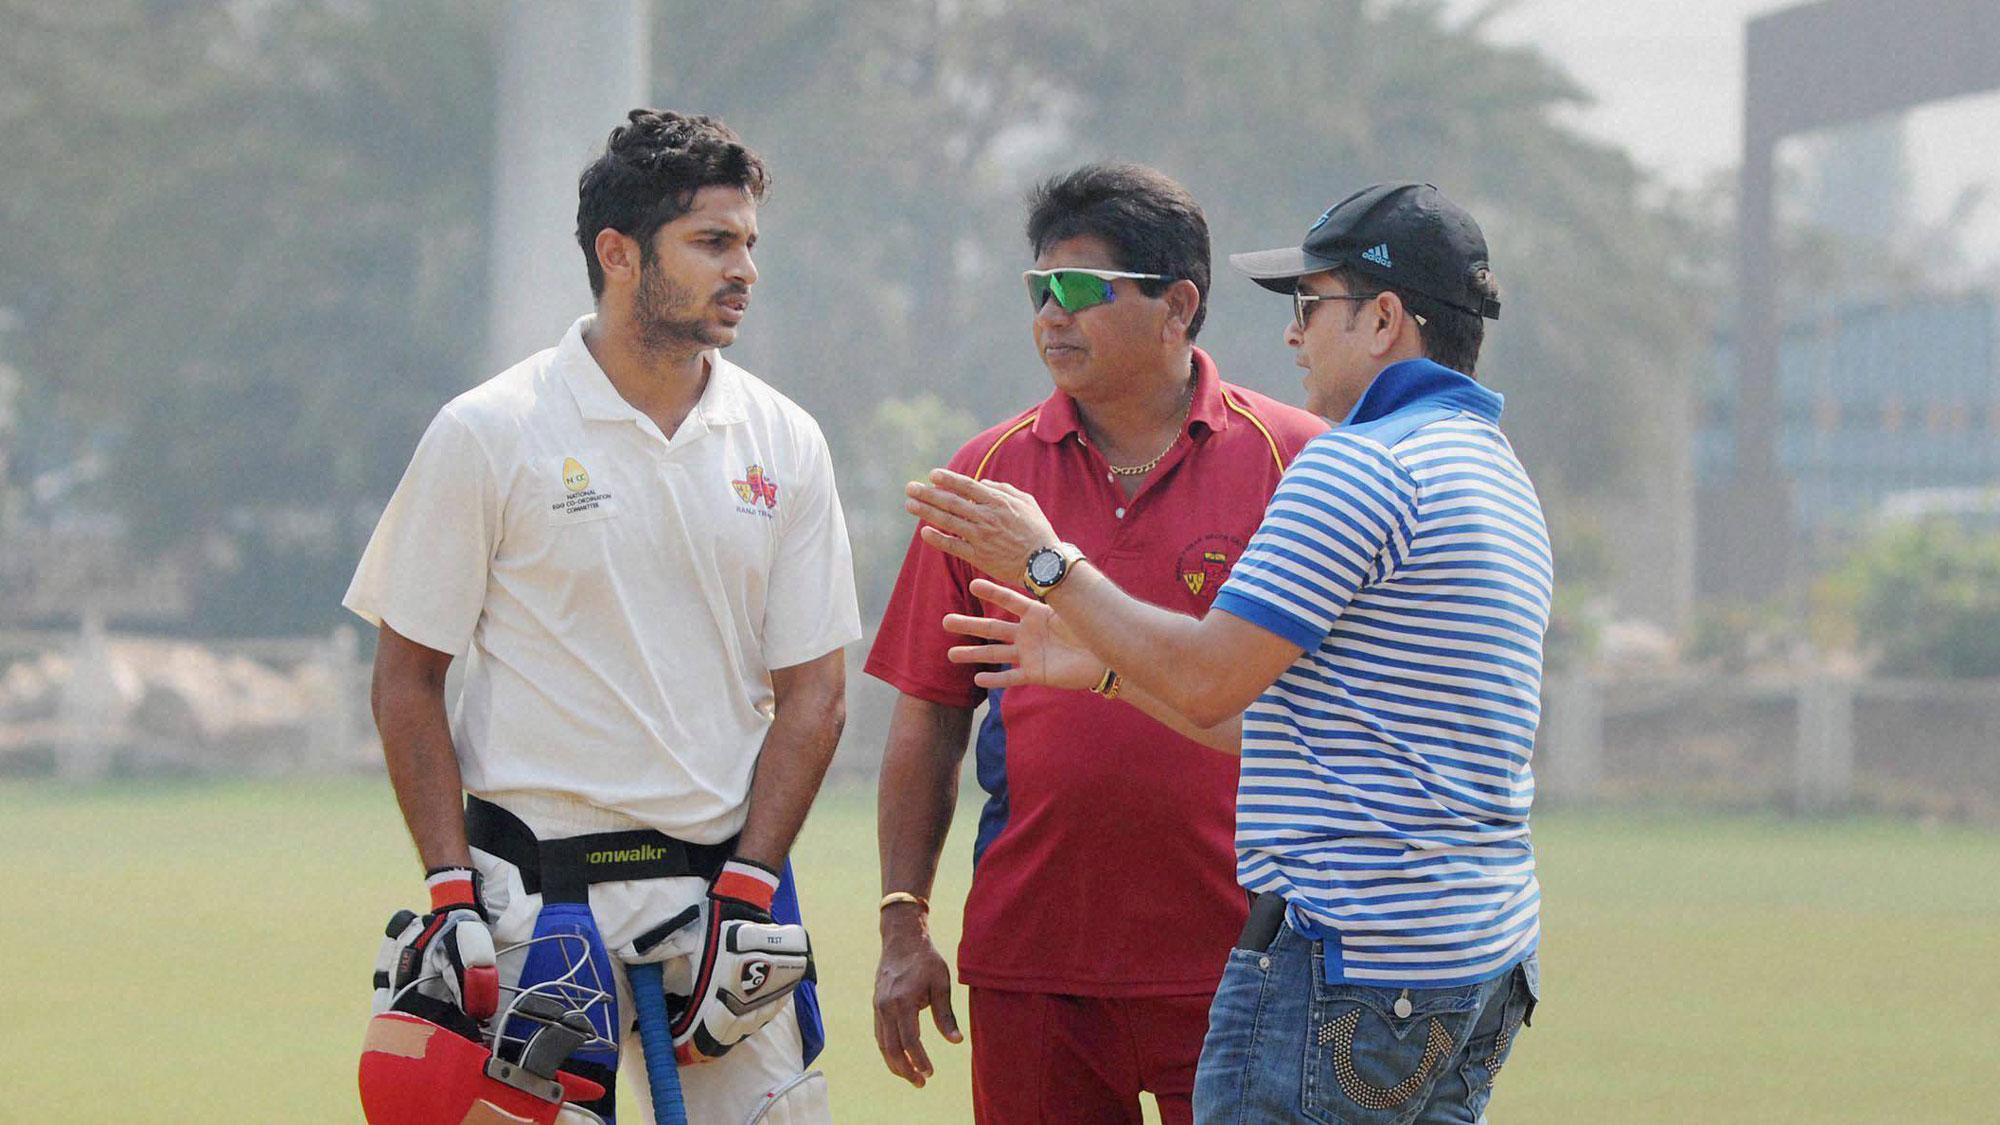 लीजेंड सचिन तेंदुलकर की इस एक सलाह ने शार्दुल ठाकुर को दिला दी भारतीय टीम में जगह